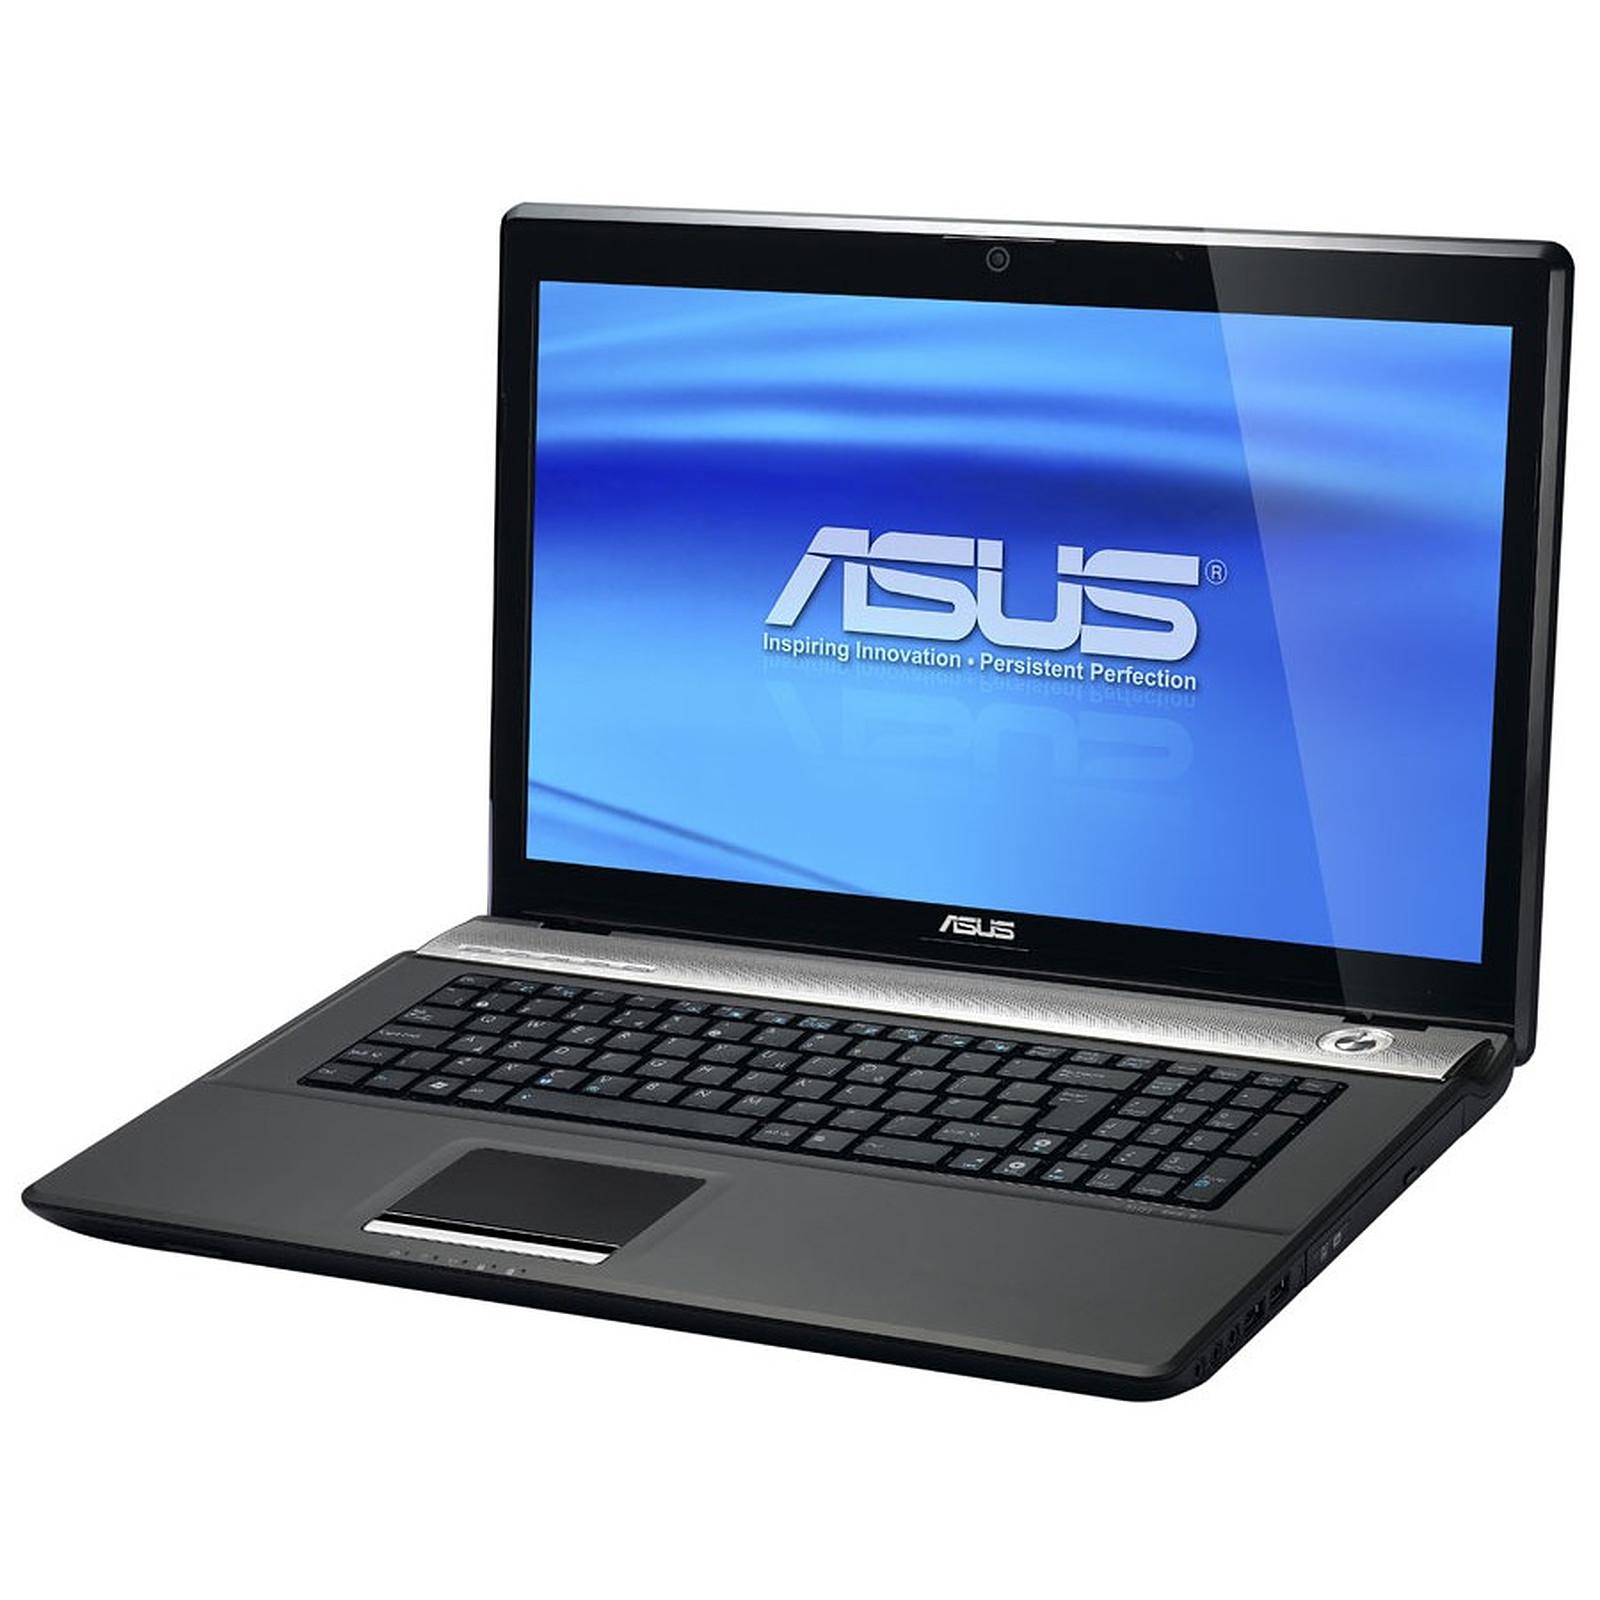 ASUS N71VN-TY018V